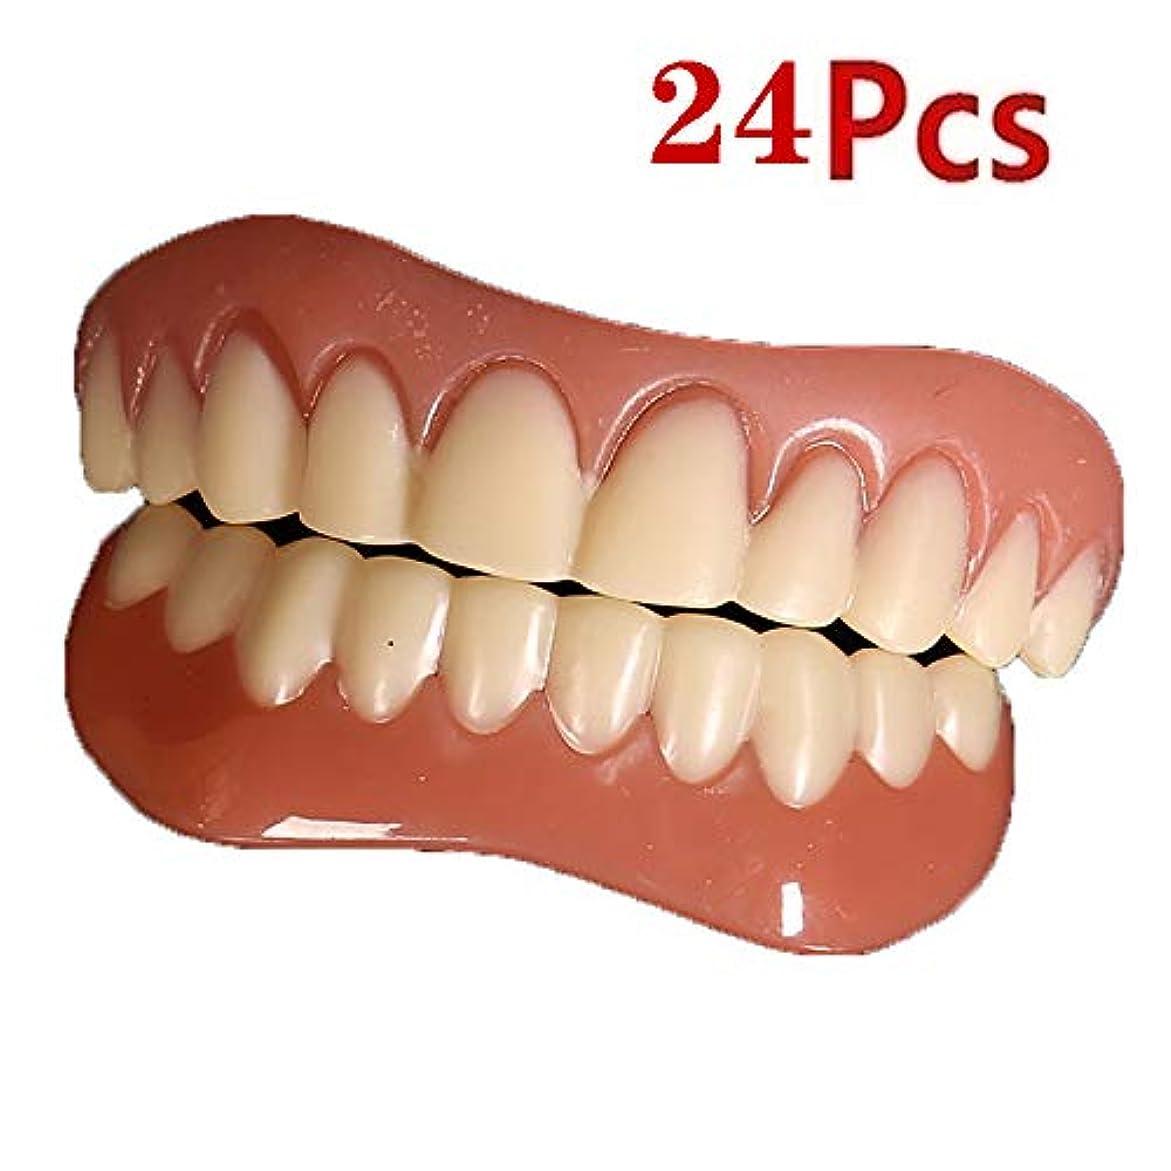 ニッケルジョージスティーブンソン海峡ひも24個パーフェクトスマイルベニヤダブのための歯の修正のための悪い歯のための完璧なスマイルベニヤ歯ホワイトニング